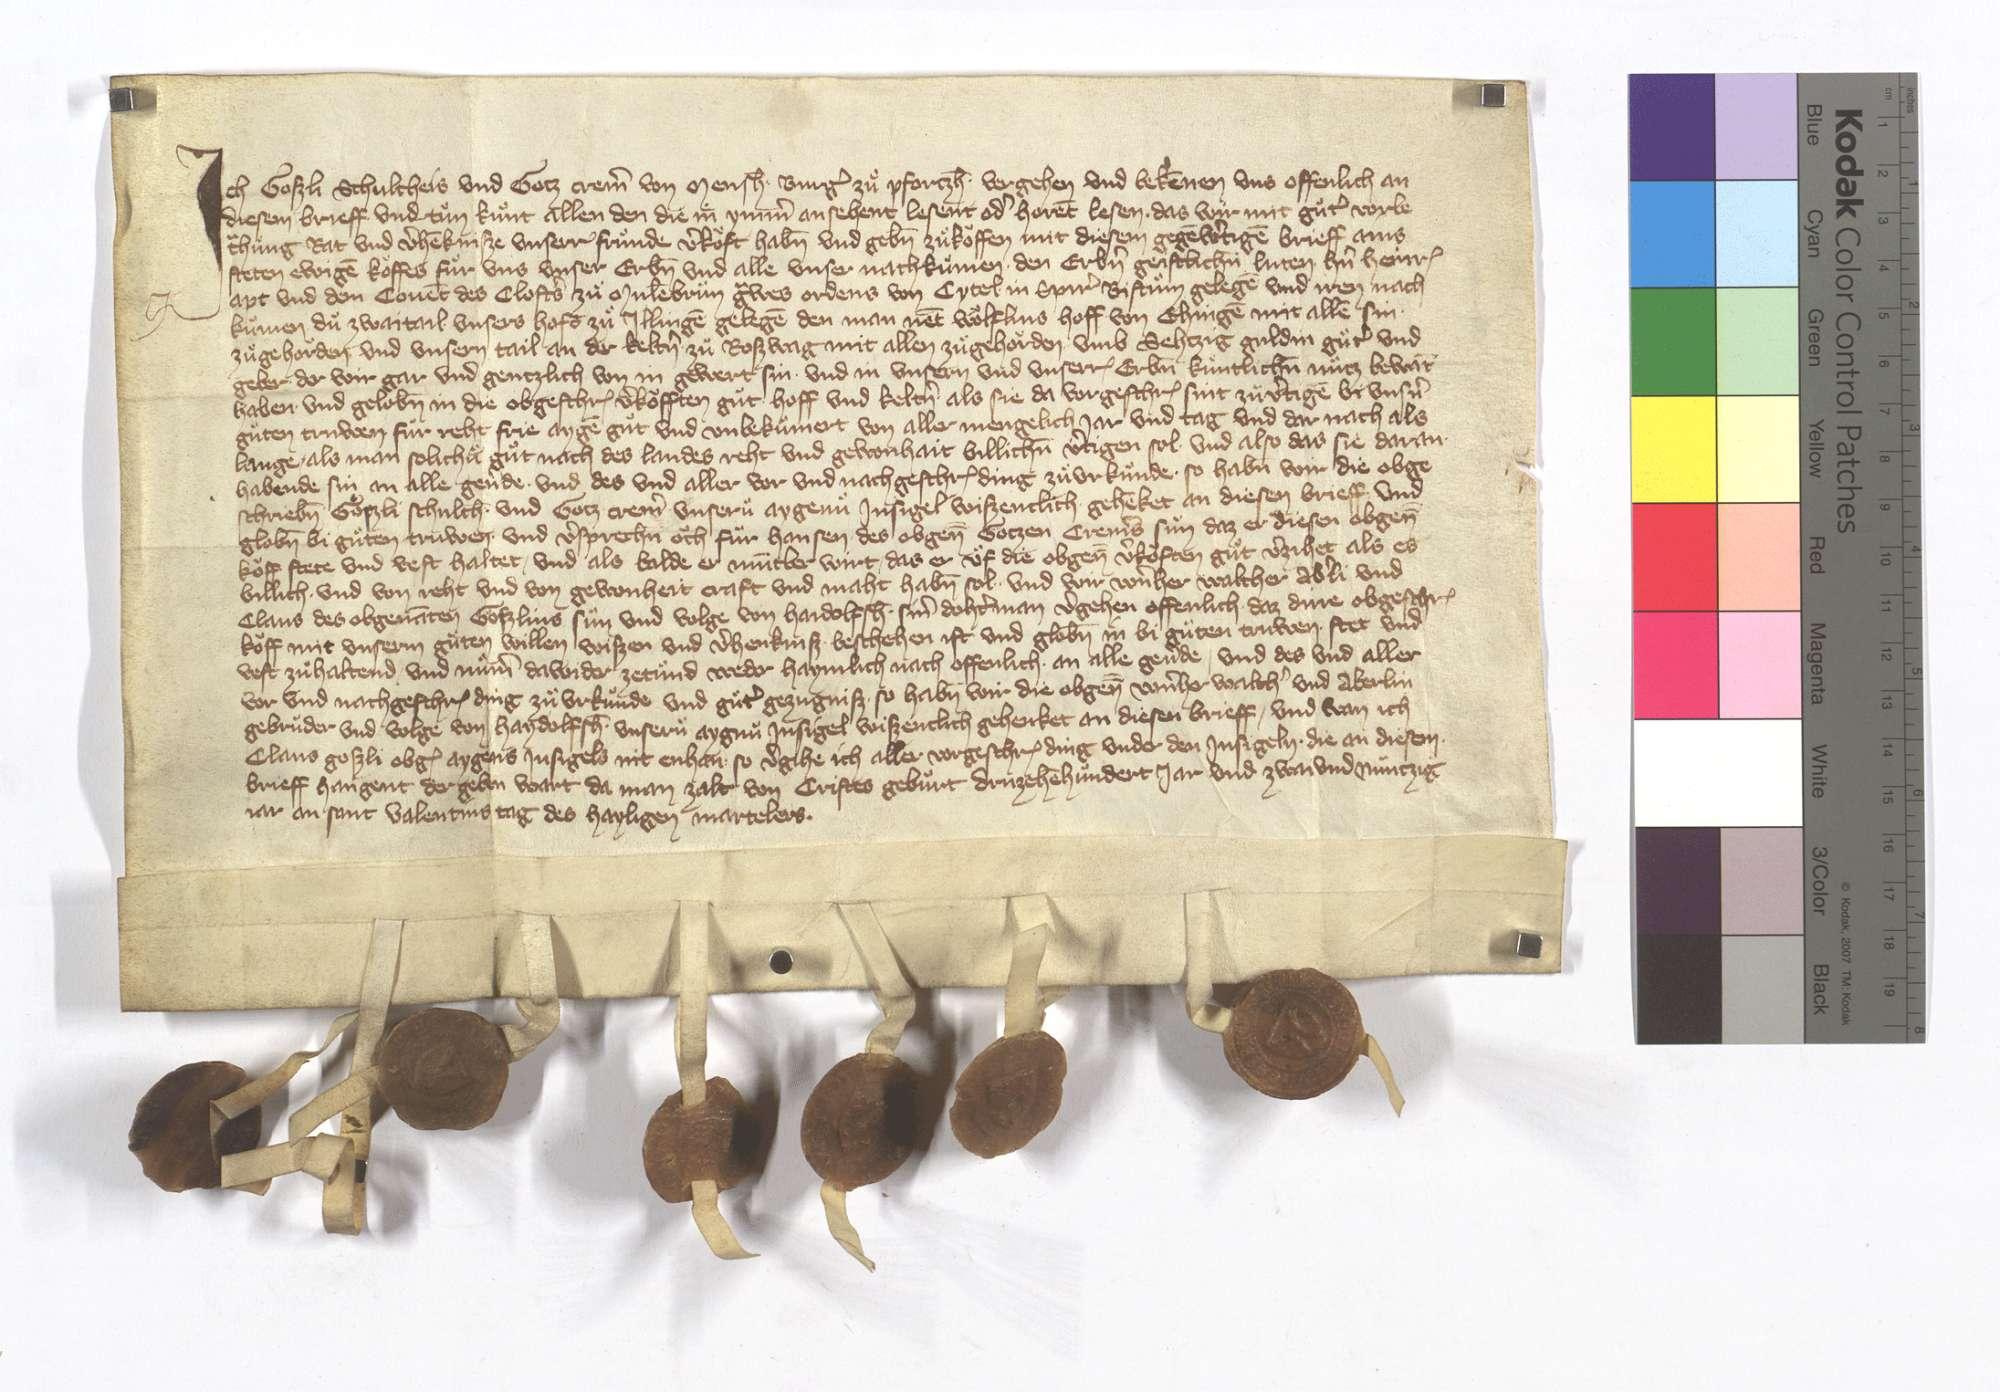 Goßli Schultheiß und Heinz Cremer von Mönsheim verkaufen dem Kloster Maulbronn ihre 2 Teile an dem Hof in Illingen, genannt Wolflinshof, samt ihrem Teil an der Kelter in Roßwag., Text